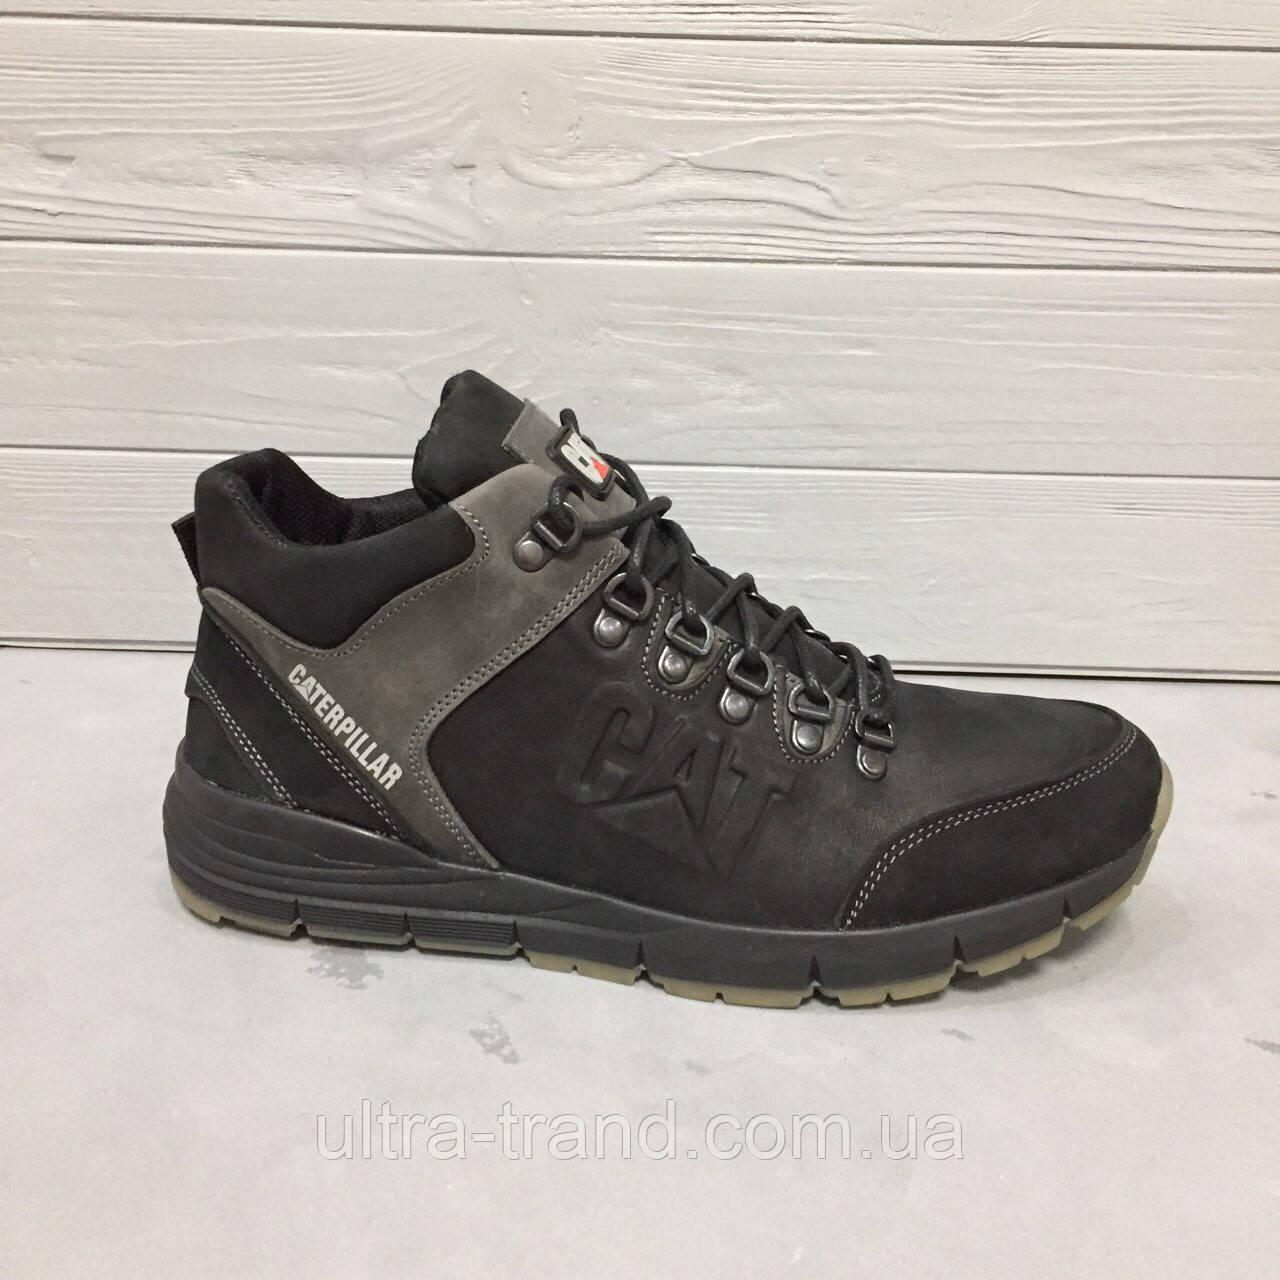 Зимние кожаные мужские ботинки Caterpillar! Кроссовки черные с мехом  Катерпиллер .